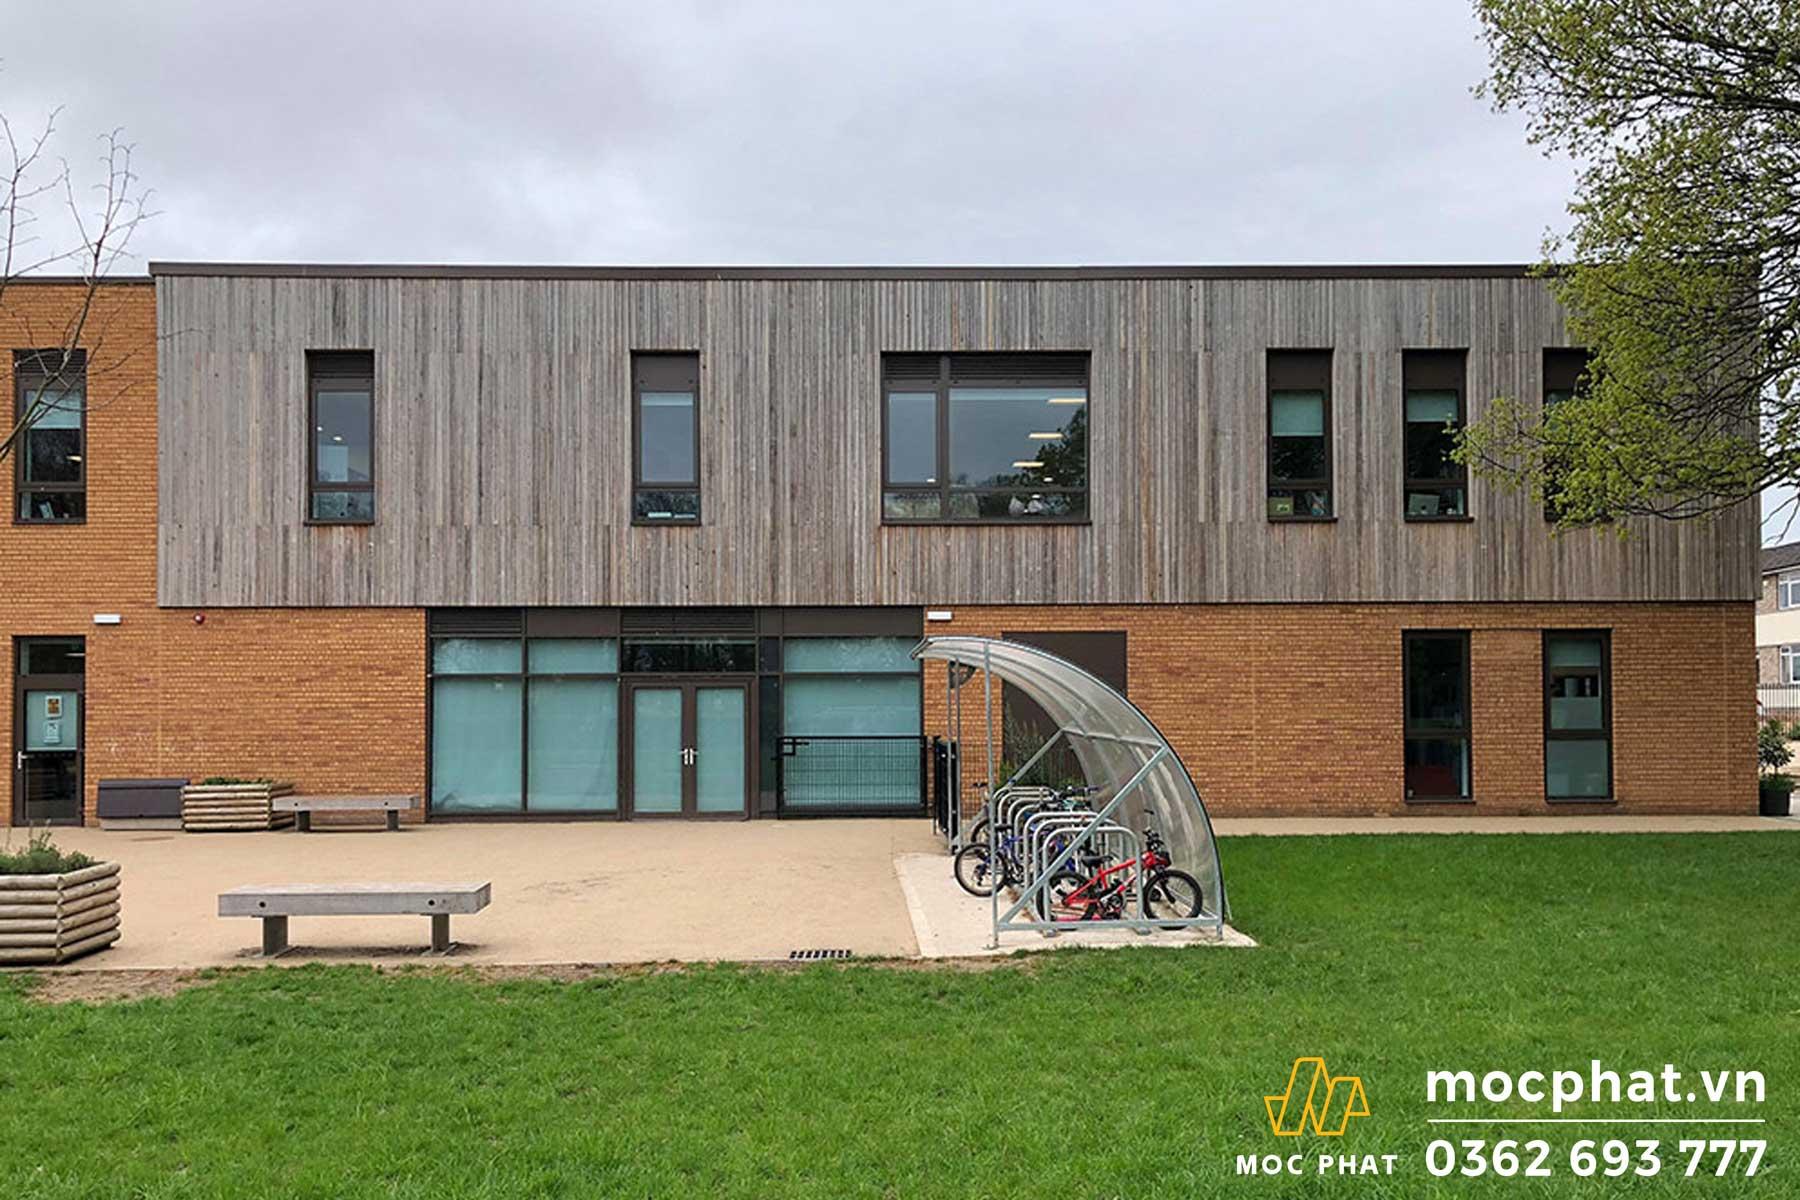 Trường học thiết kế bằng gỗ- chọn ốp tường ngoài trời